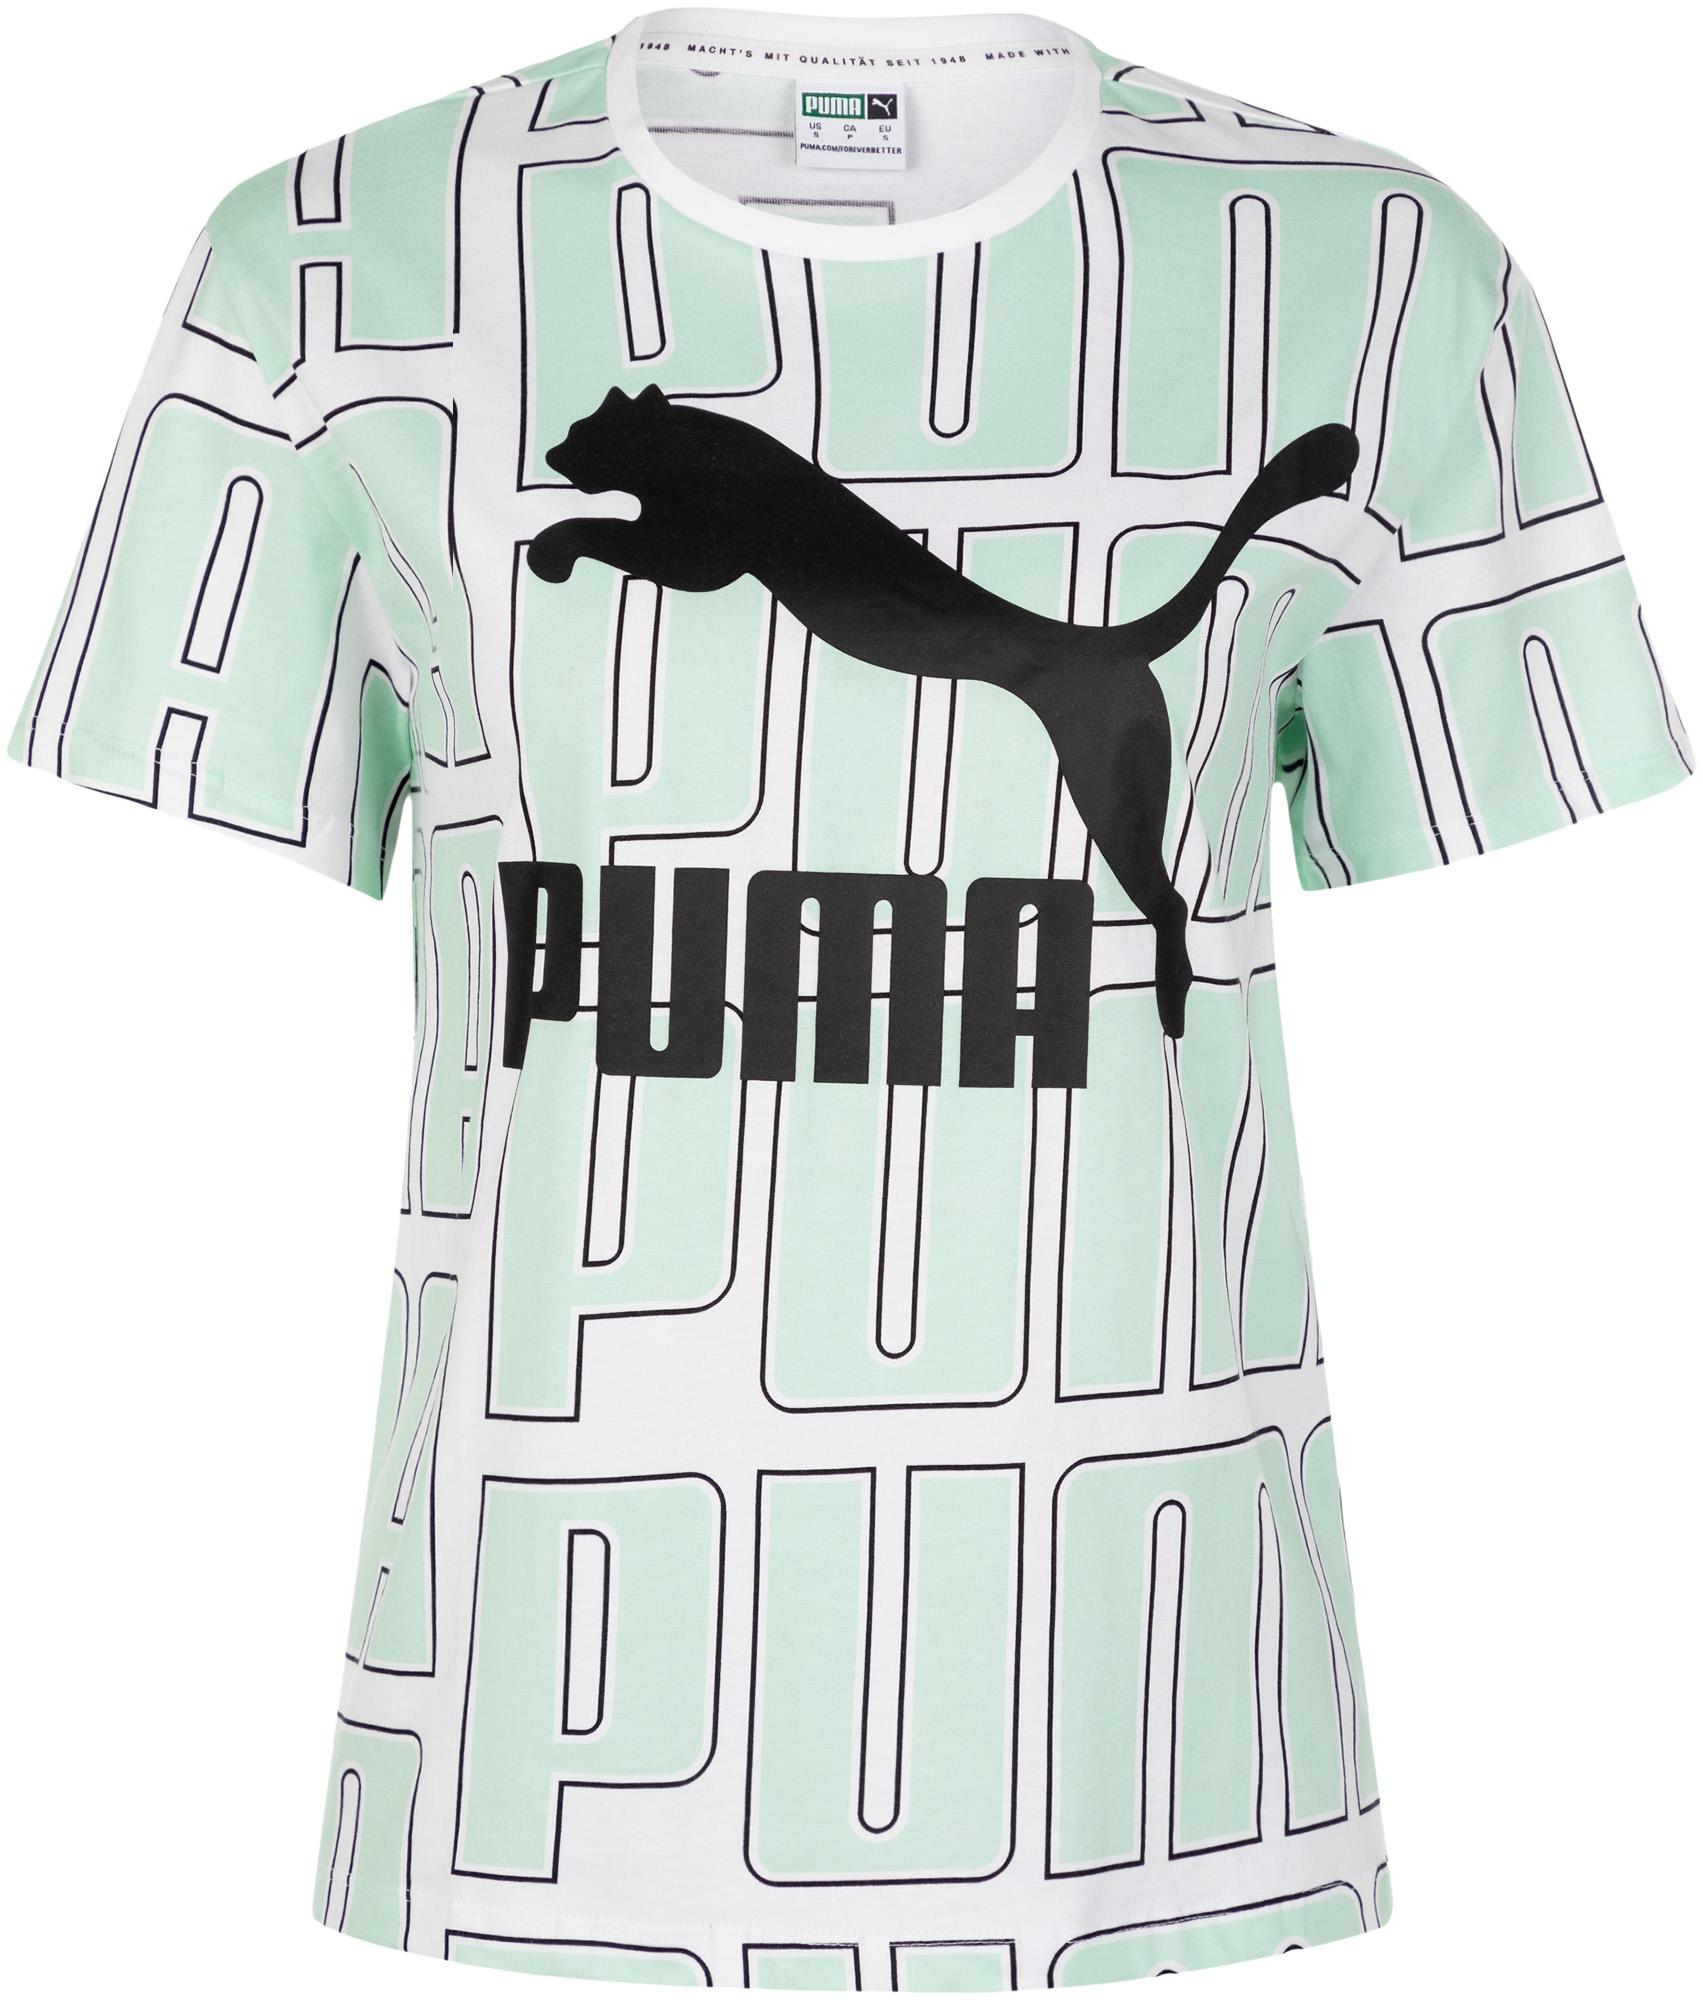 пуховик женский puma 70 30 480 down jacket цвет молочный 85166611 размер m 44 46 Puma Футболка женская Puma AOP, размер 44-46